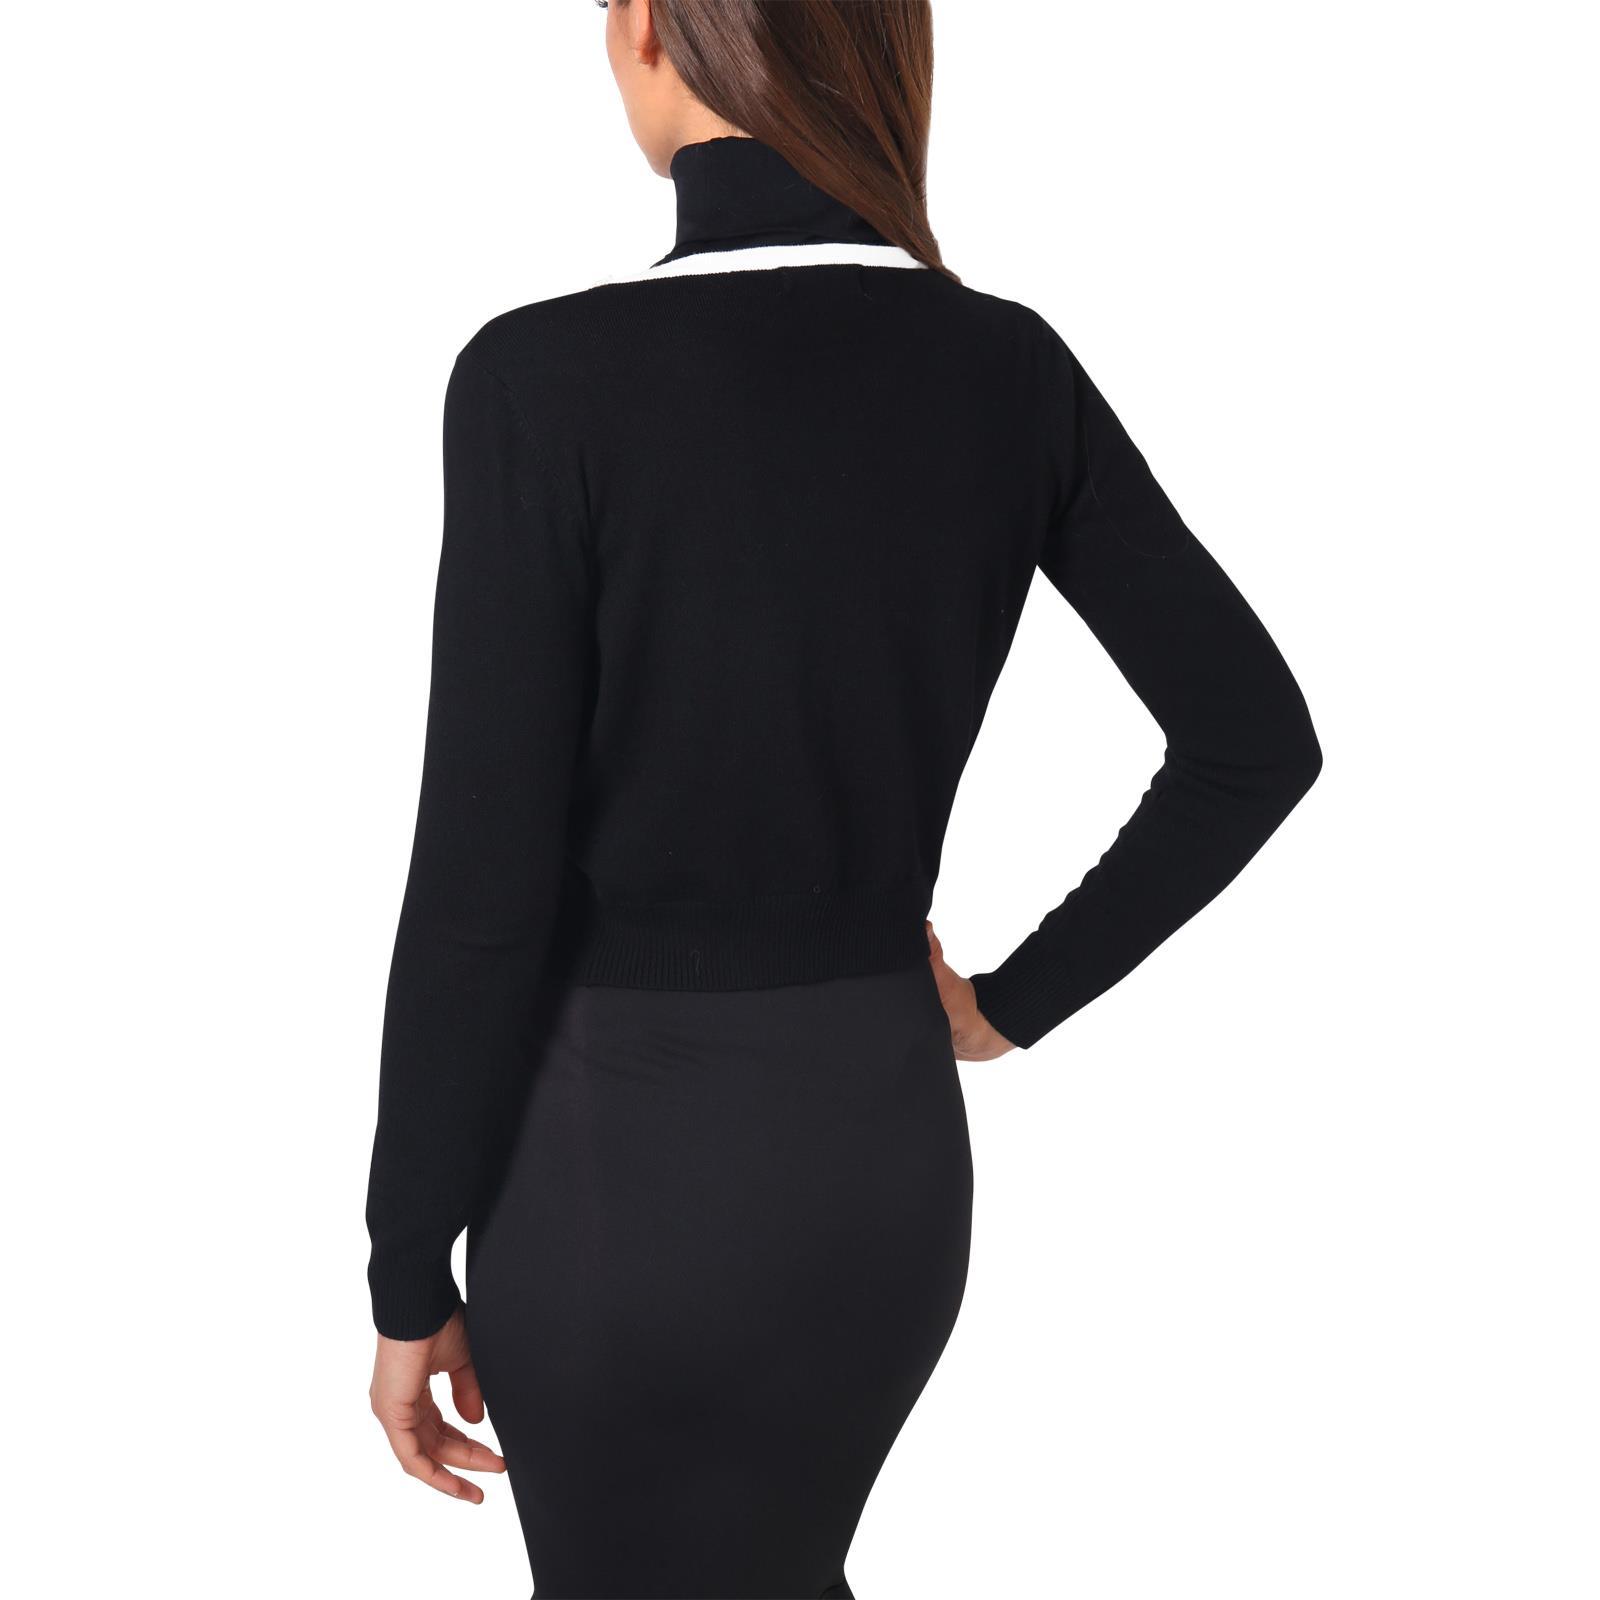 Donna-Bolero-Coprispalle-Seta-Morbido-Cardigan-Manica-Lunga-Maglia-Corto-Lavoro miniatura 5